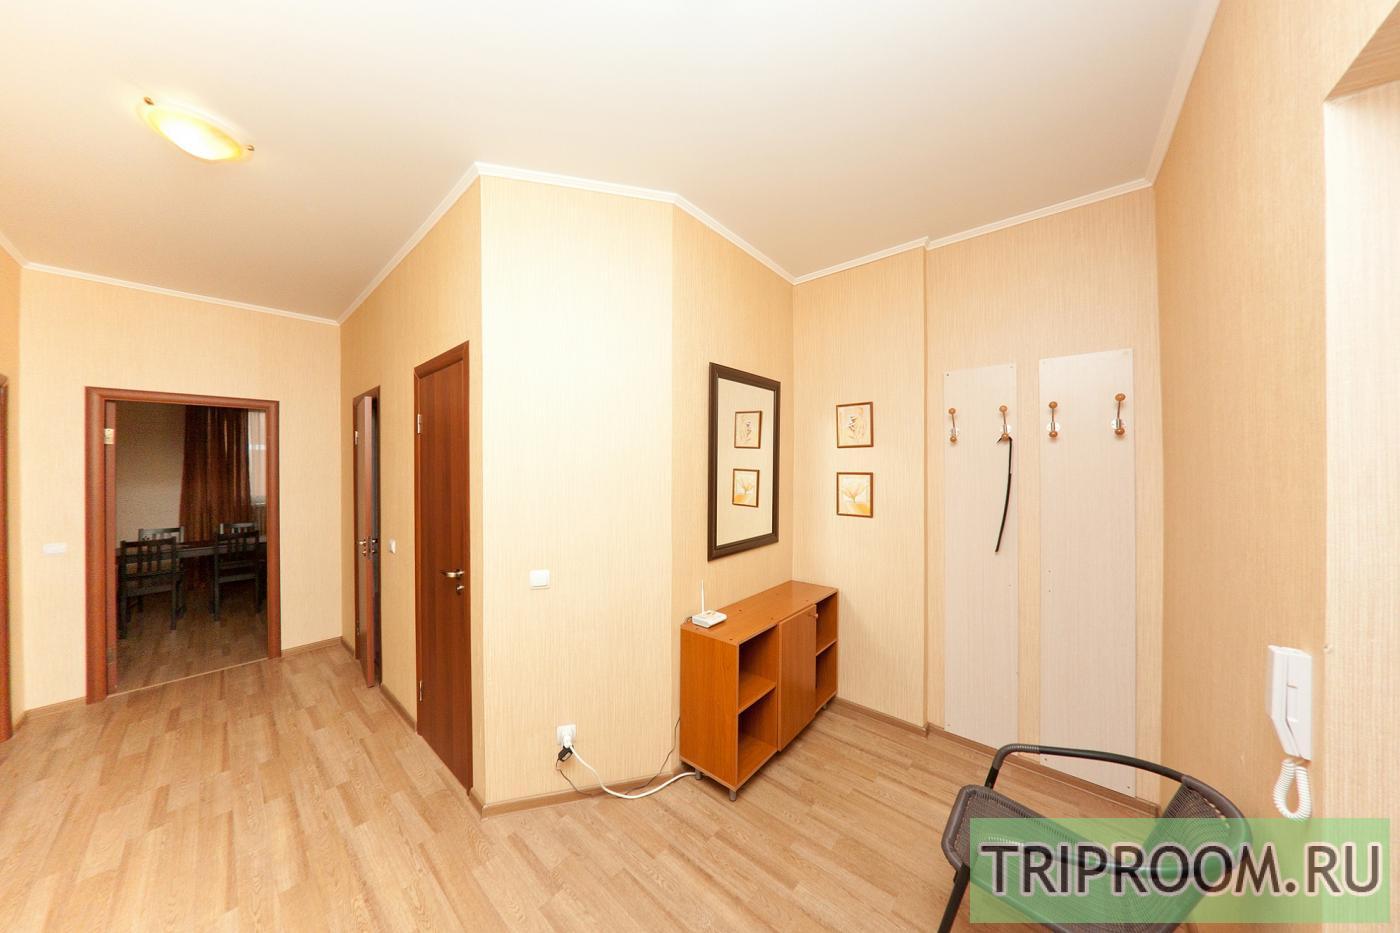 1-комнатная квартира посуточно (вариант № 7417), ул. Прмышленная улица, фото № 7